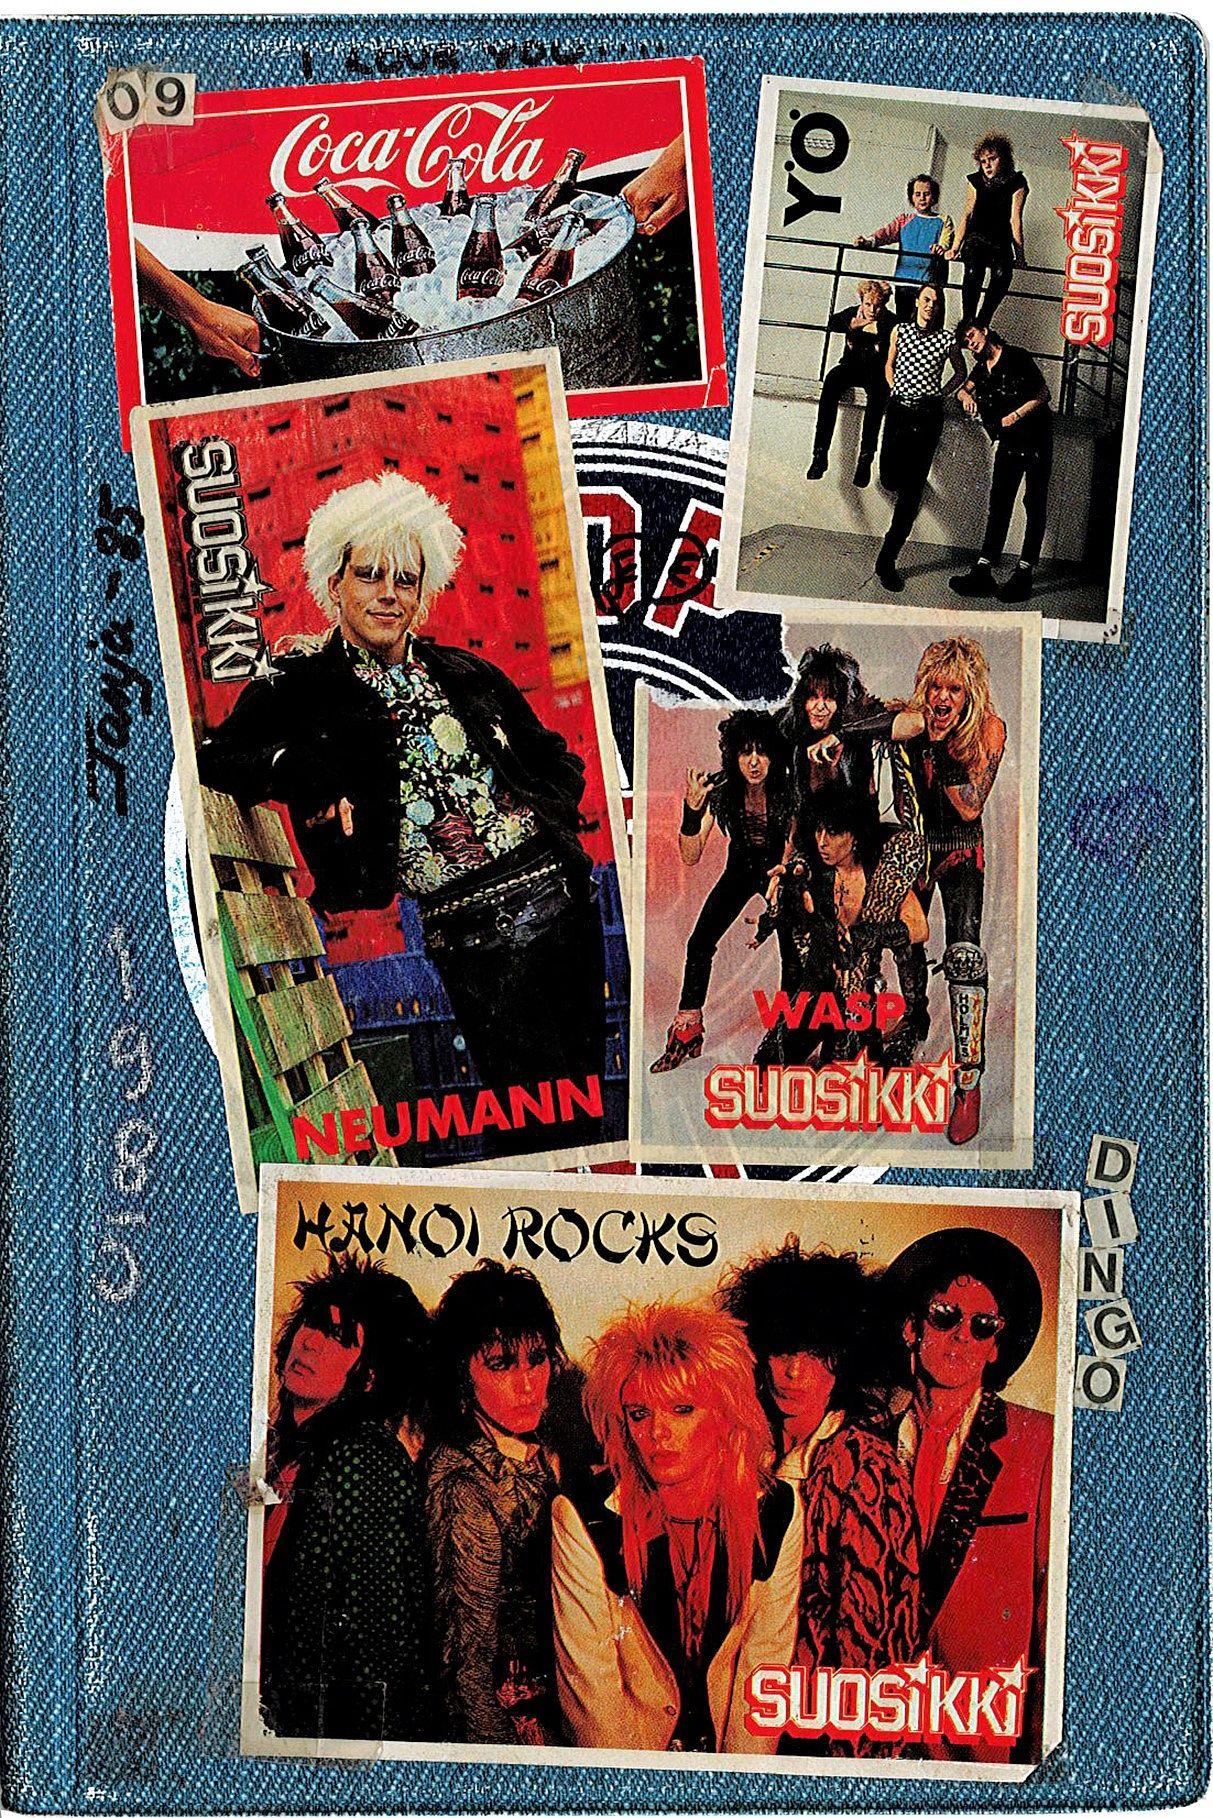 Vuoden 1985 päiväkirjan kansi on aikakautensa kuva.